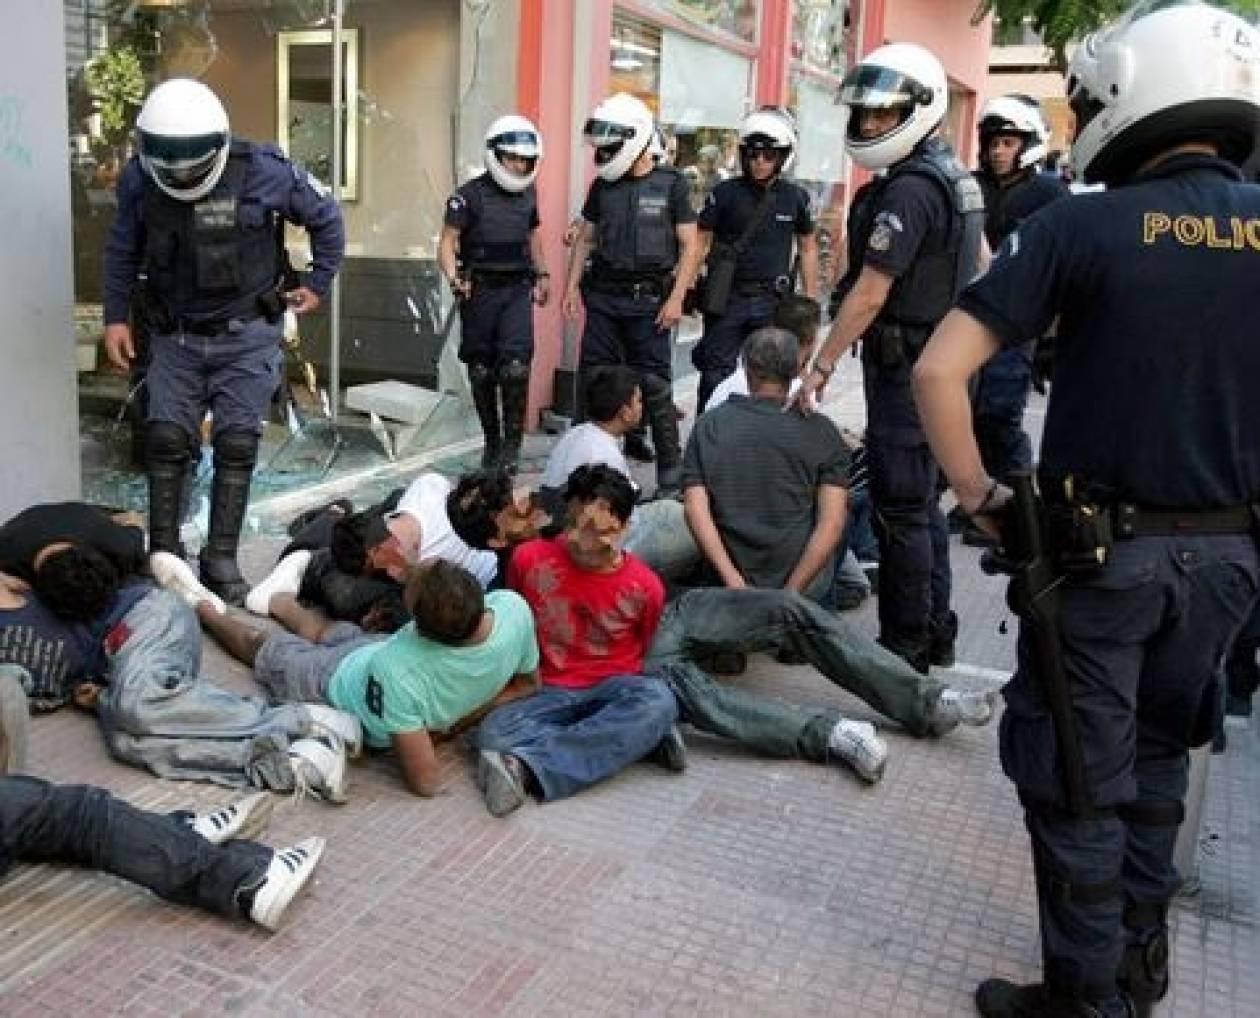 ΕΛ.ΑΣ.: Εξαρθρώθηκε κύκλωμα διακίνησης μη νόμιμων μεταναστών